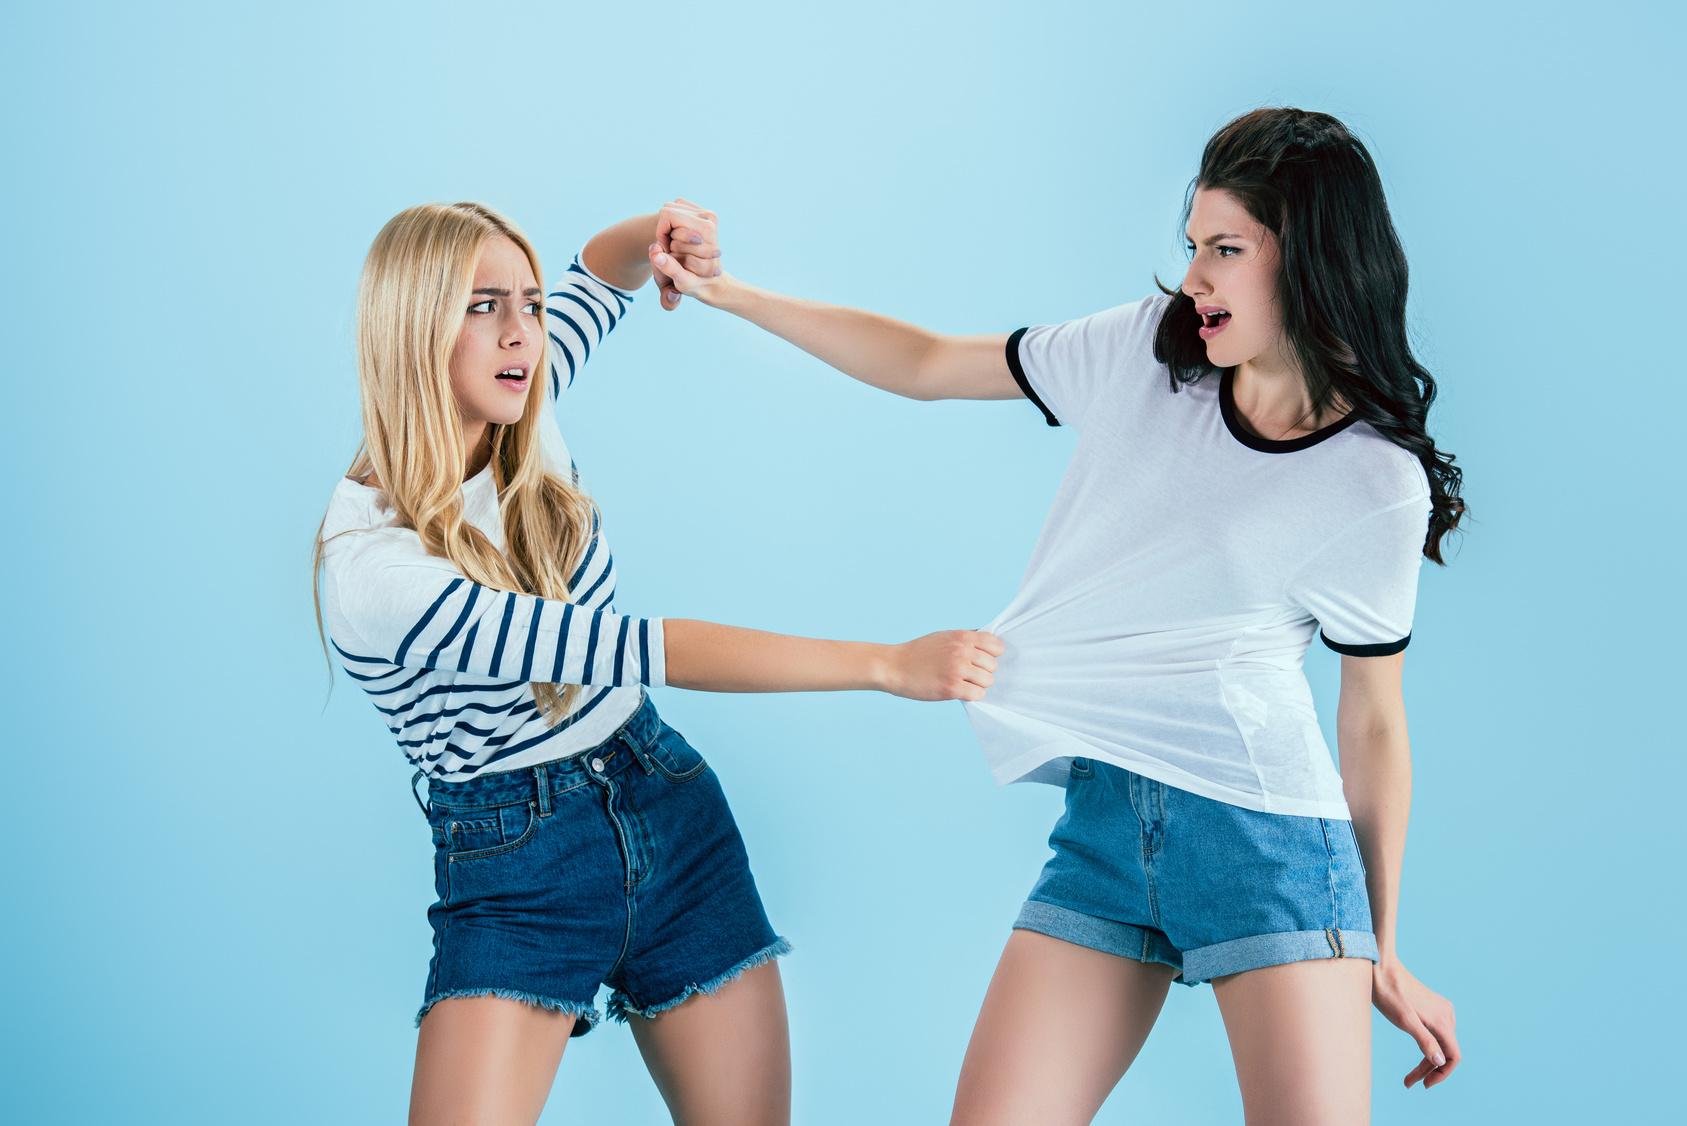 Brutaler Streit zwischen Schülerinnen: Sorge um Augenlicht